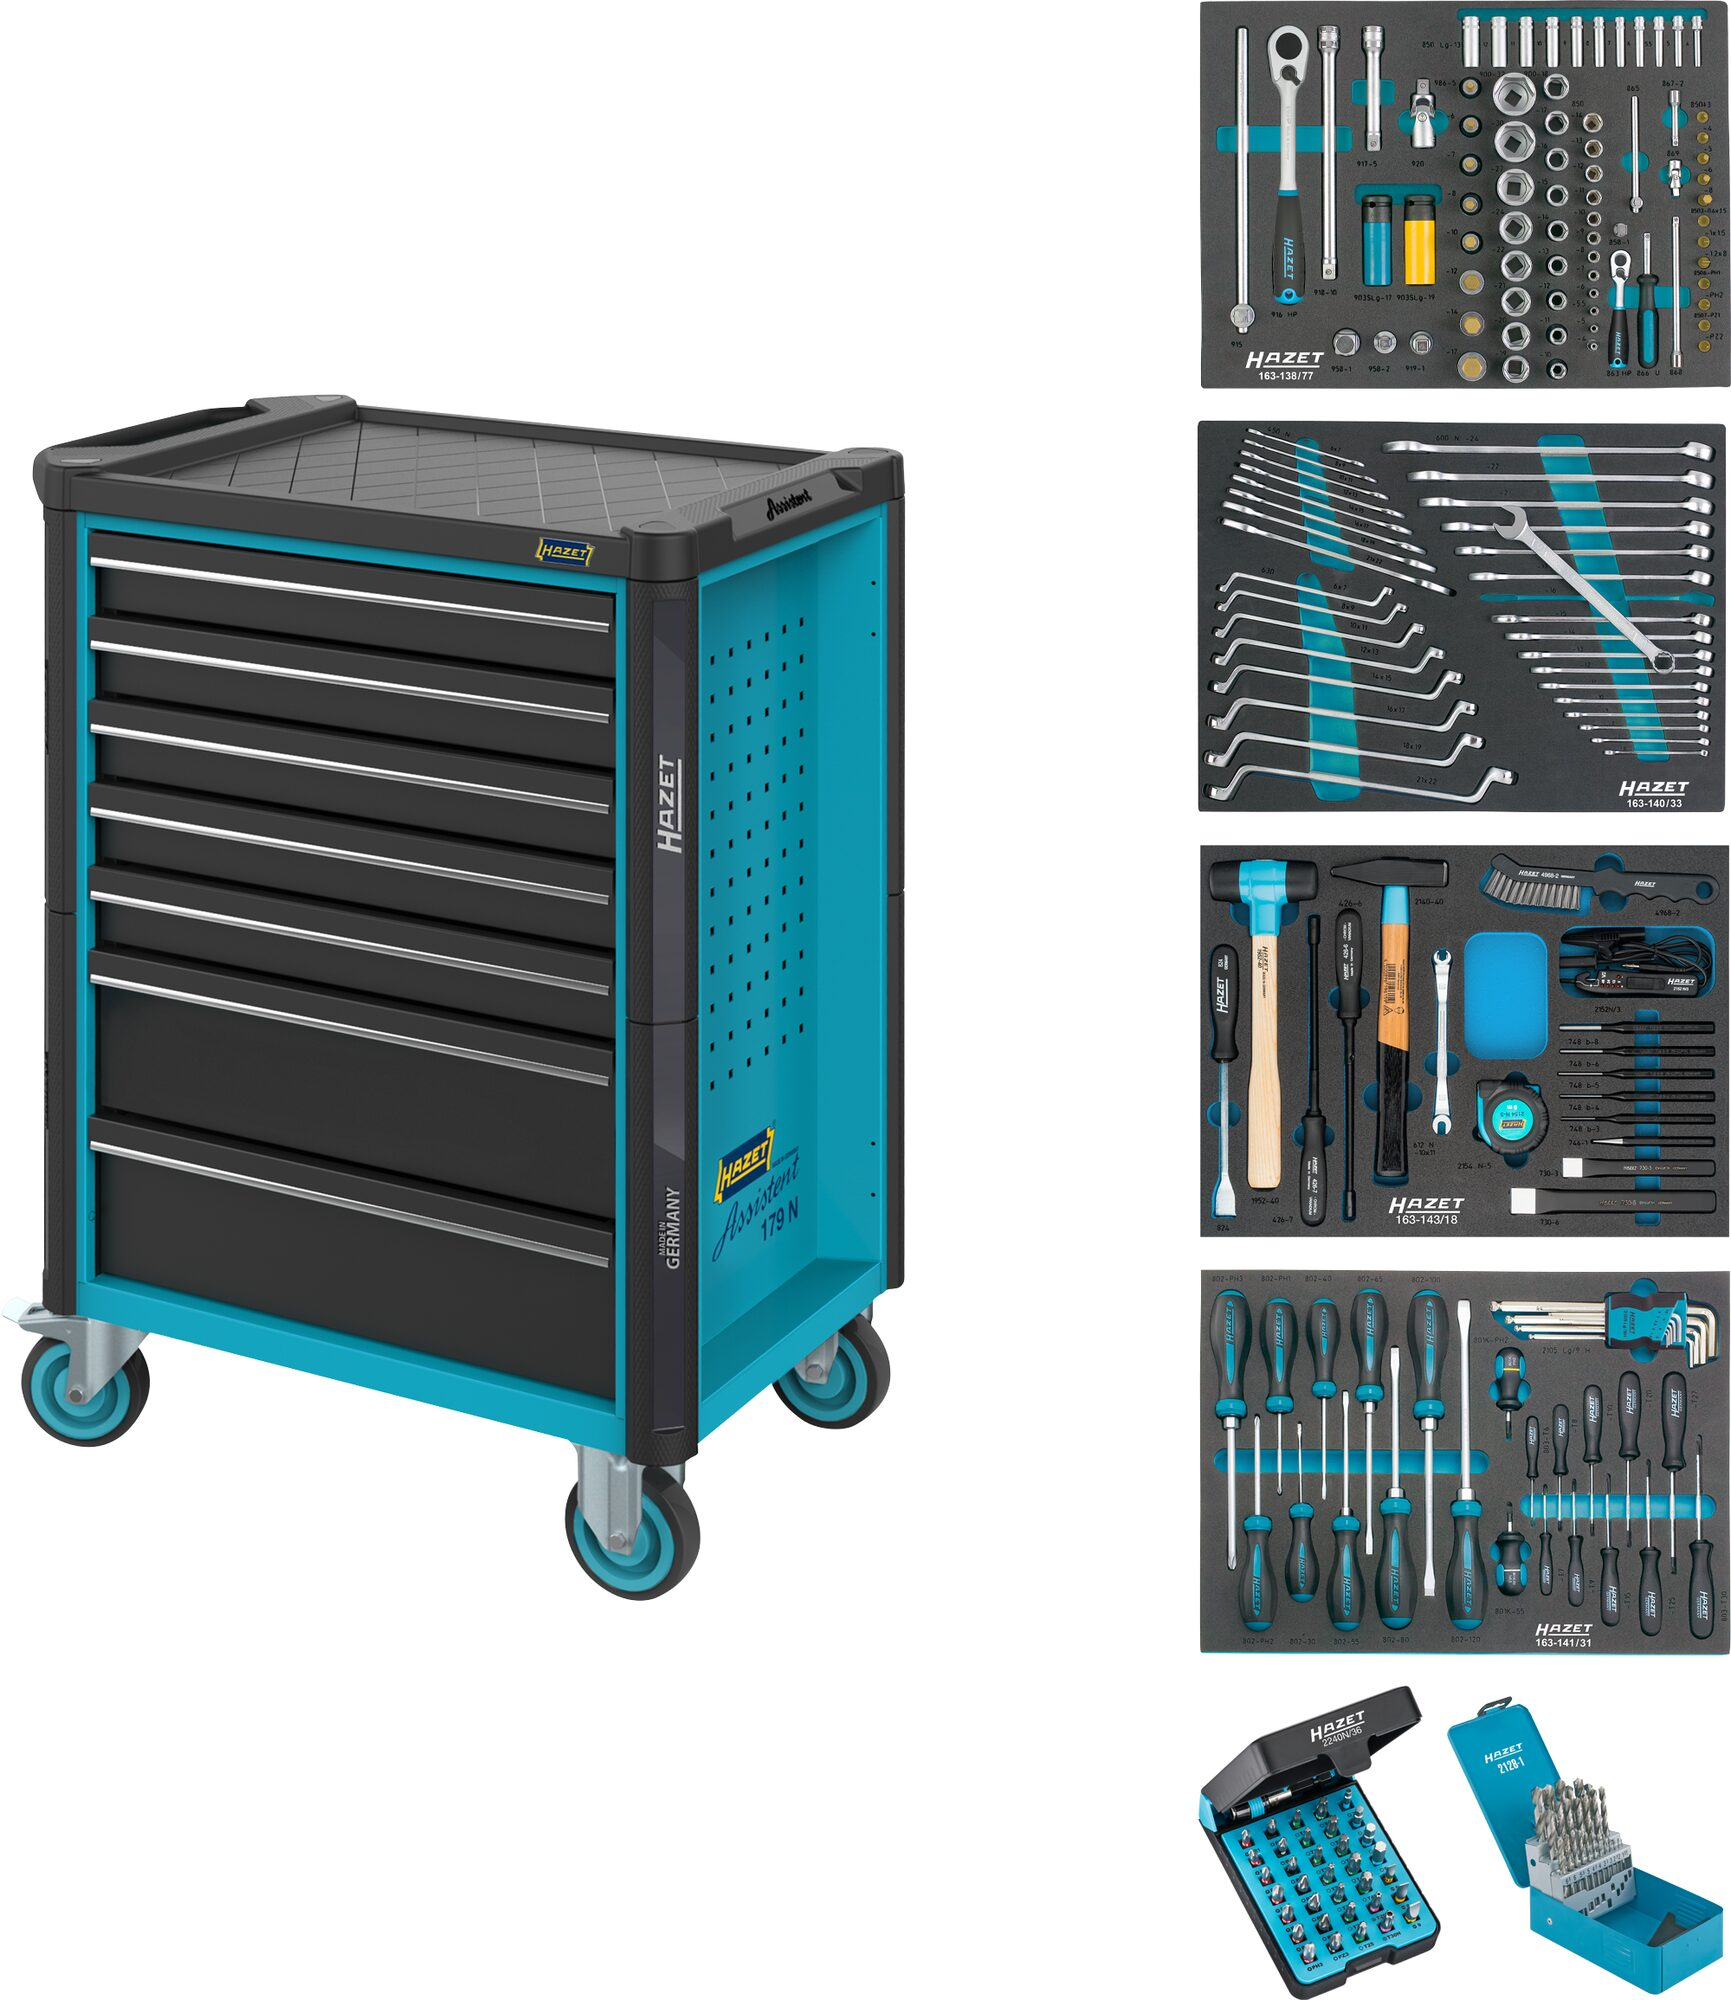 HAZET Werkstattwagen Assistent 179N-7/220 ∙ Schubladen, flach: 5x 81x522x398 mm ∙ Anzahl Werkzeuge: 220